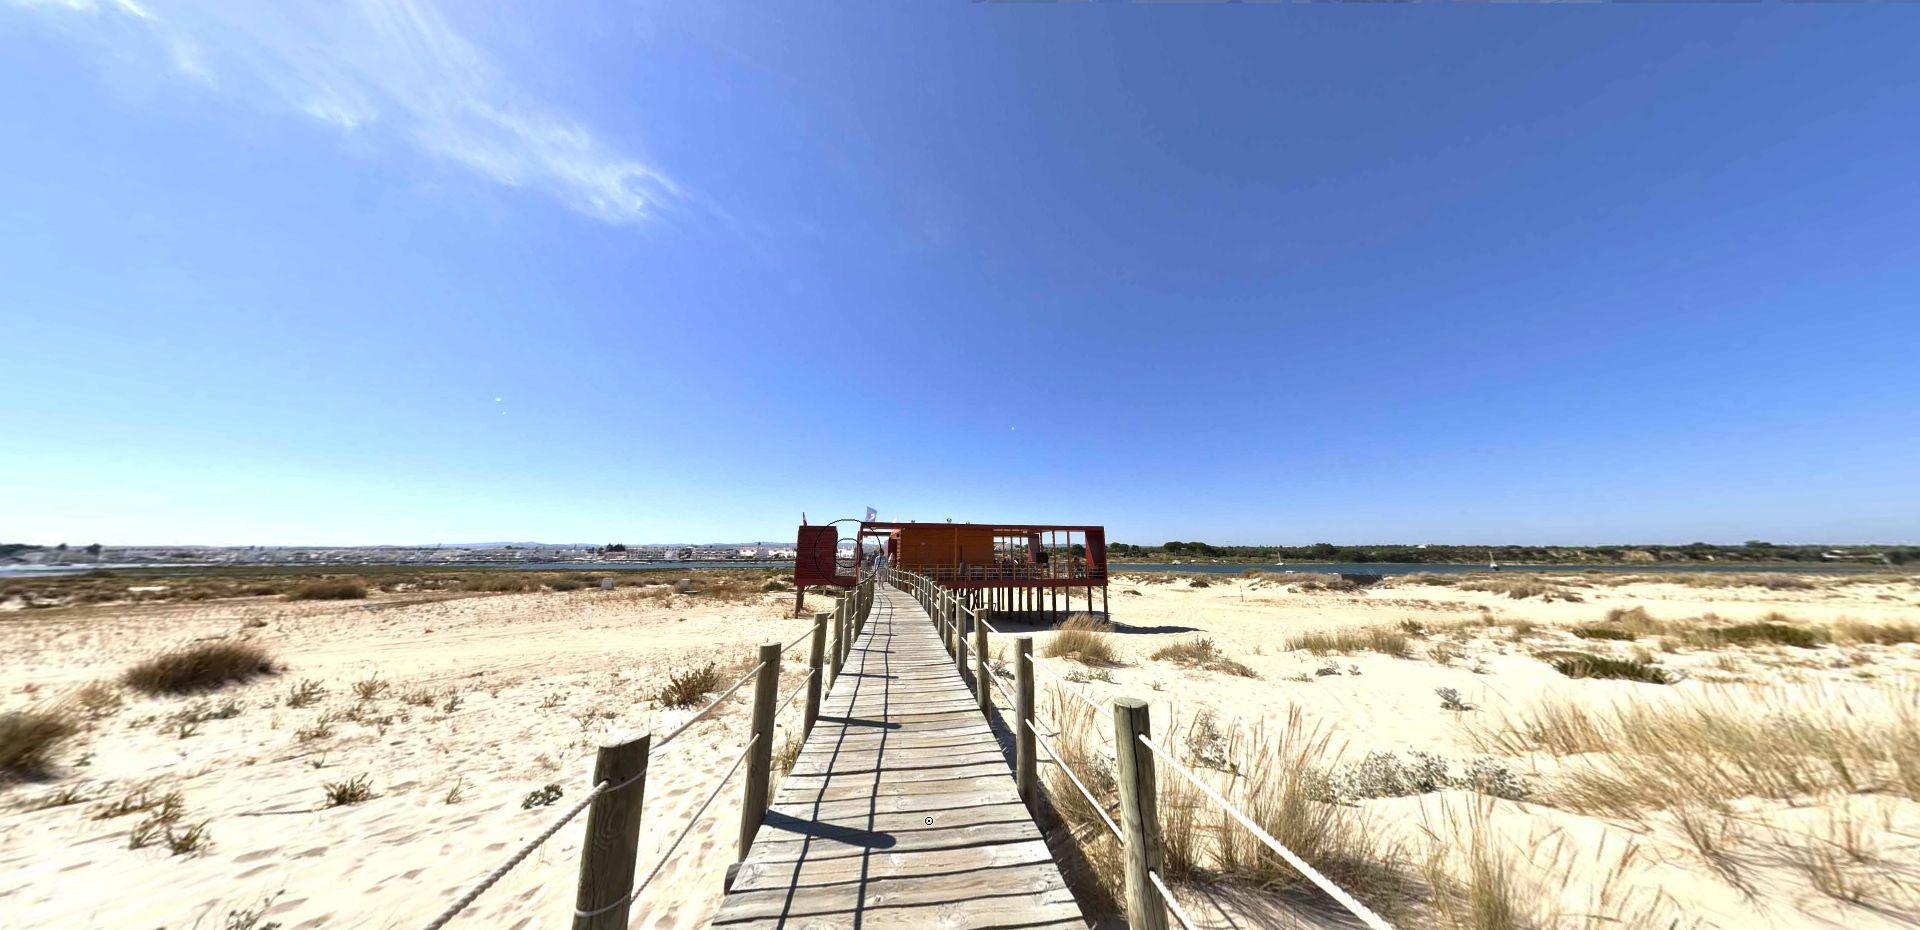 praia cabanas de tavira - camping ria formosa